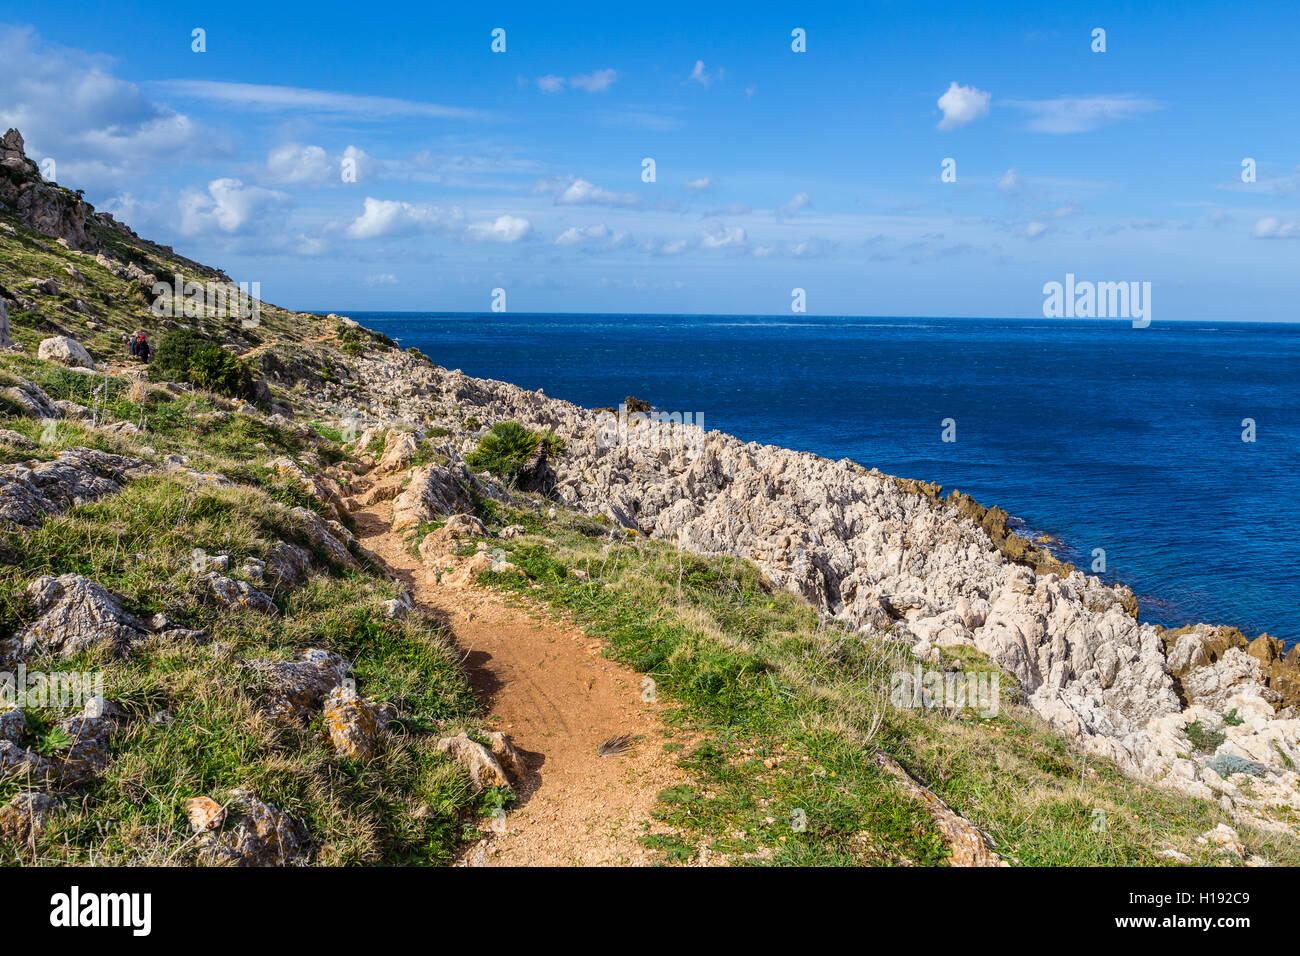 Riserva dello Zingaro, Sicily - Stock Image